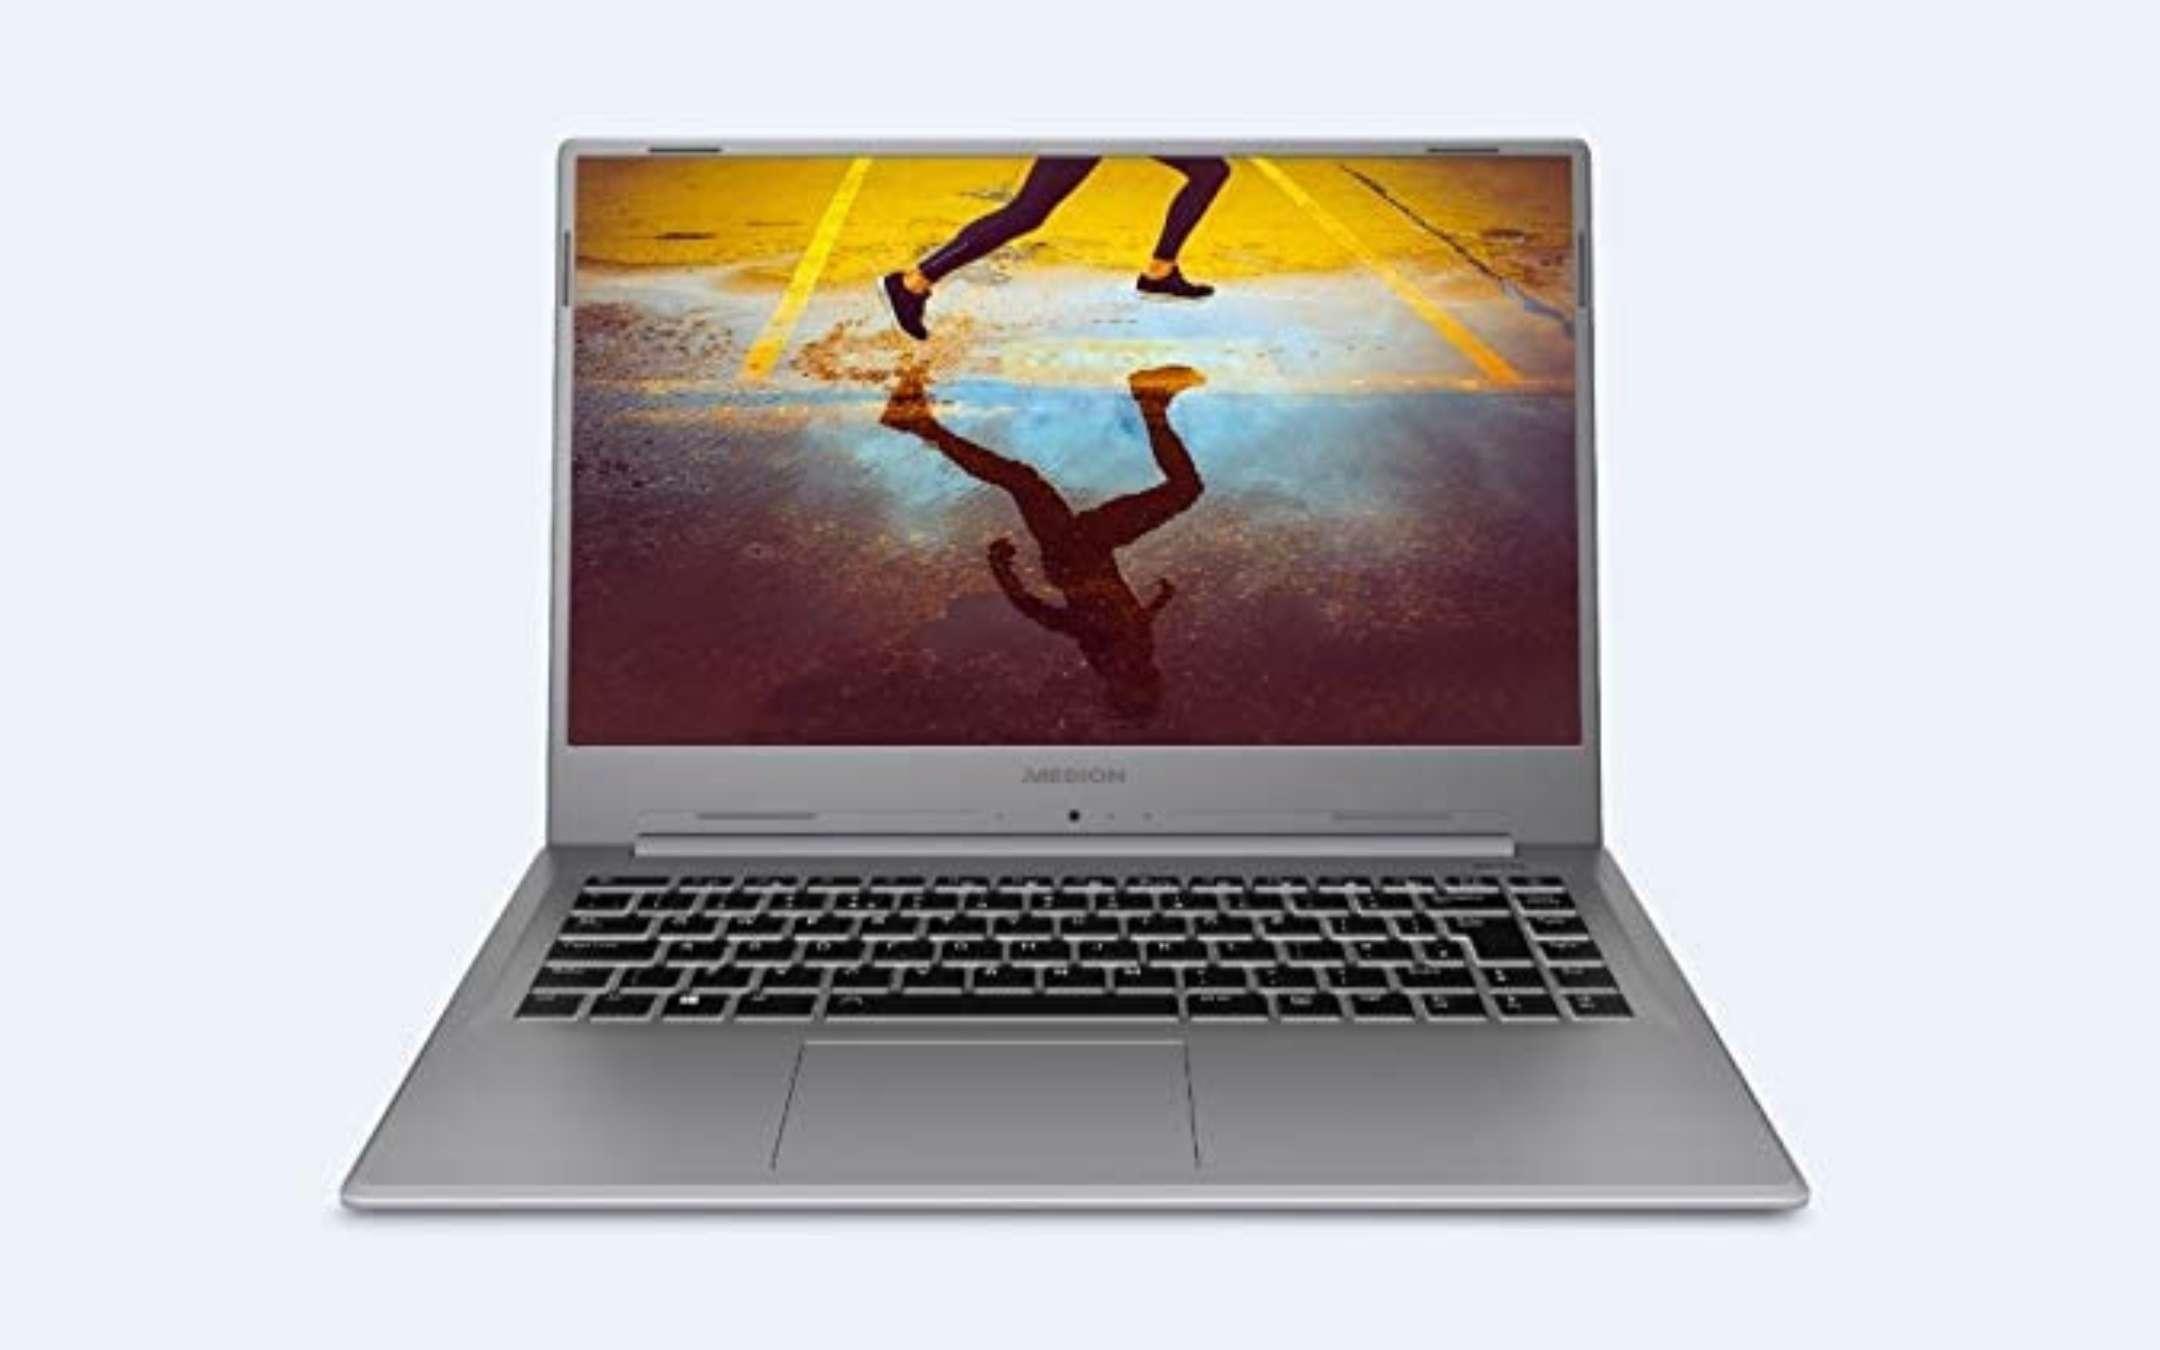 PC Portatile Laptop Medion S15449 - 2